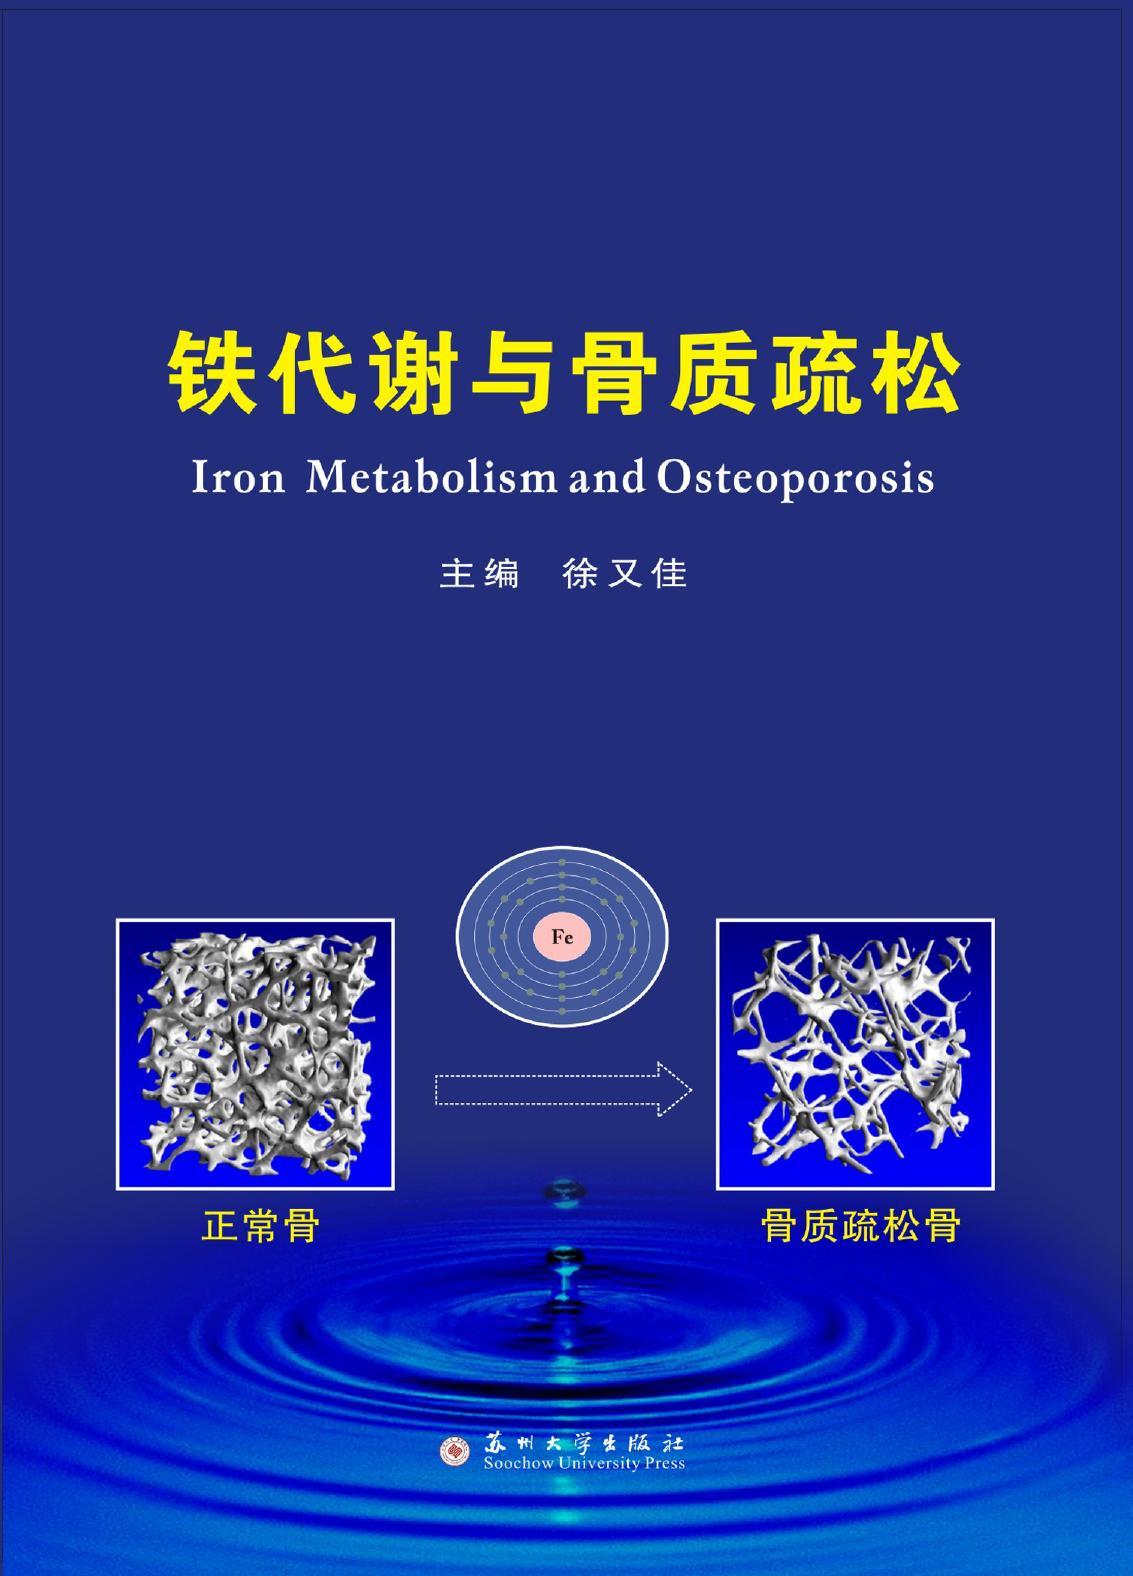 铁代谢与骨质疏松